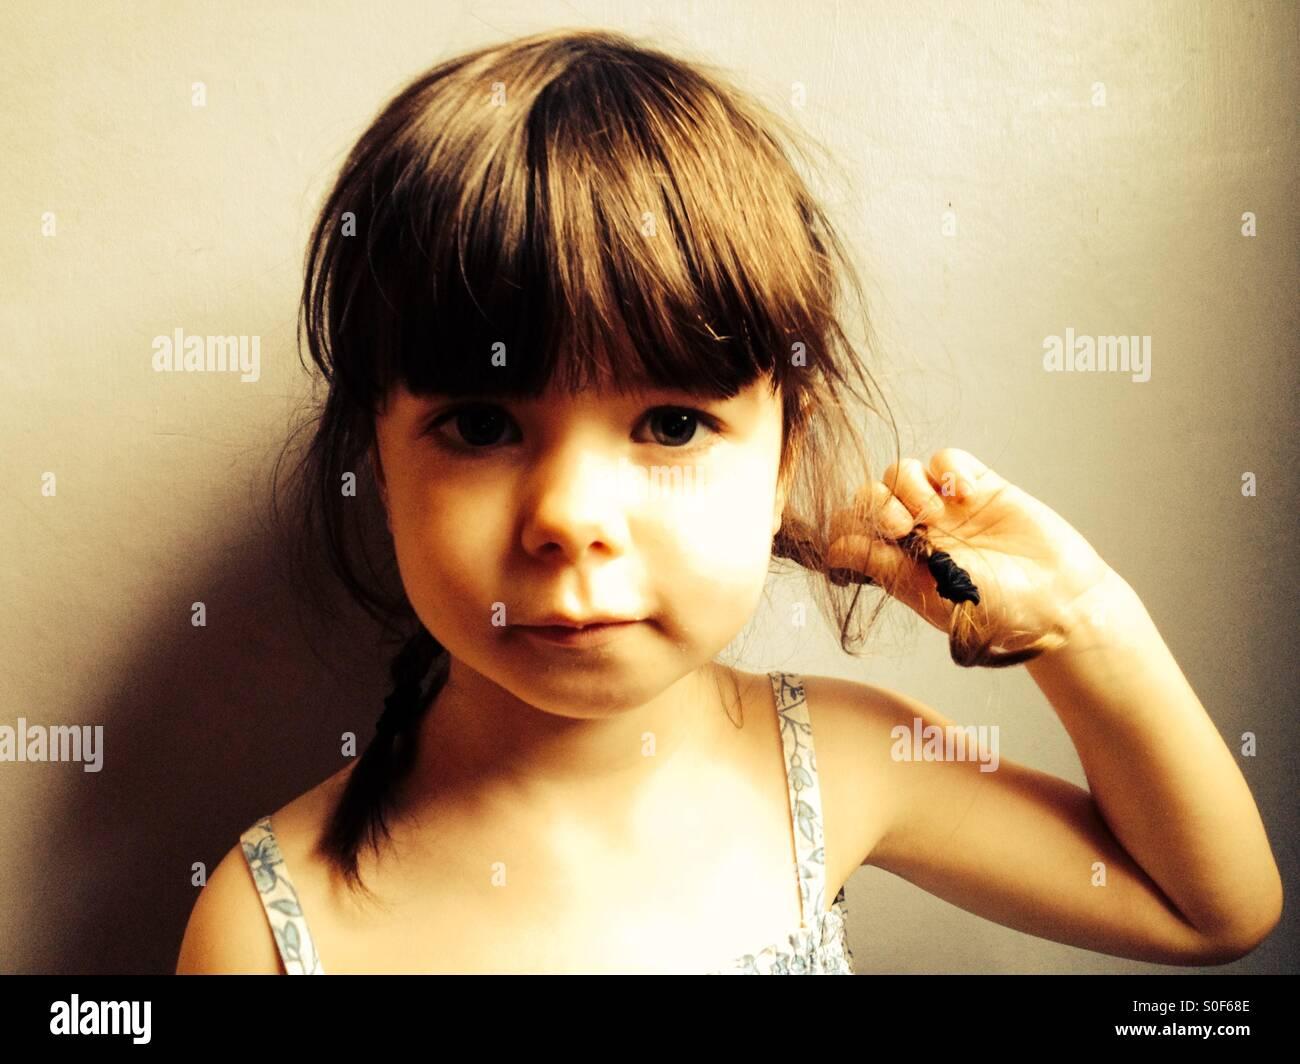 Niña de 3 años con Pigtails en su cabello Imagen De Stock